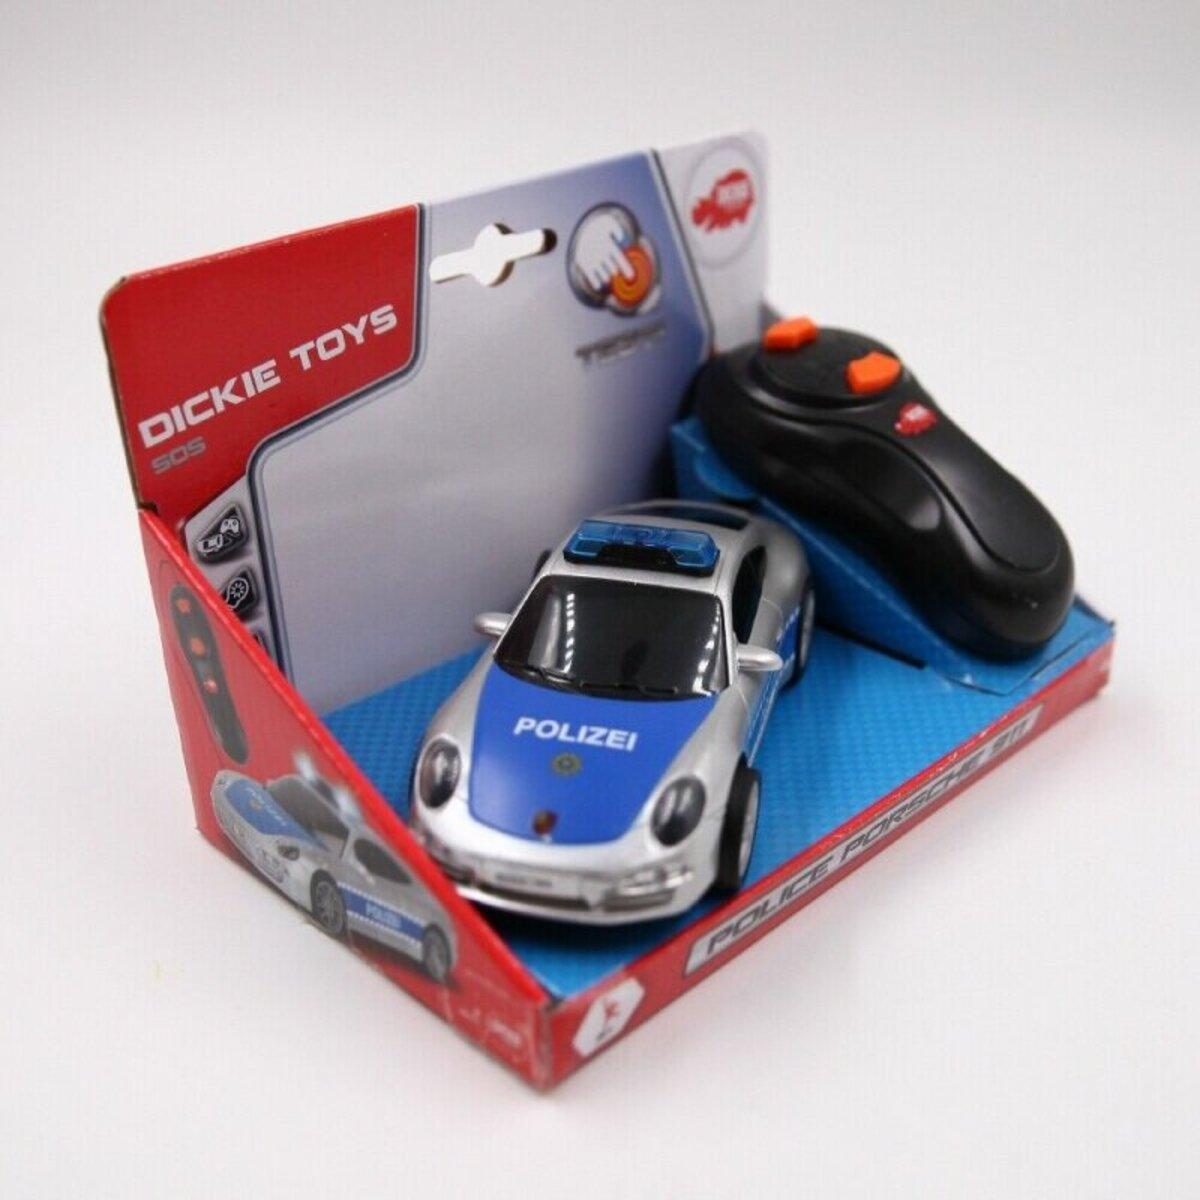 Bild 3 von Dickie Toys ferngesteuertes Spielzeugauto Polizeiauto Porsche 911 mit Licht